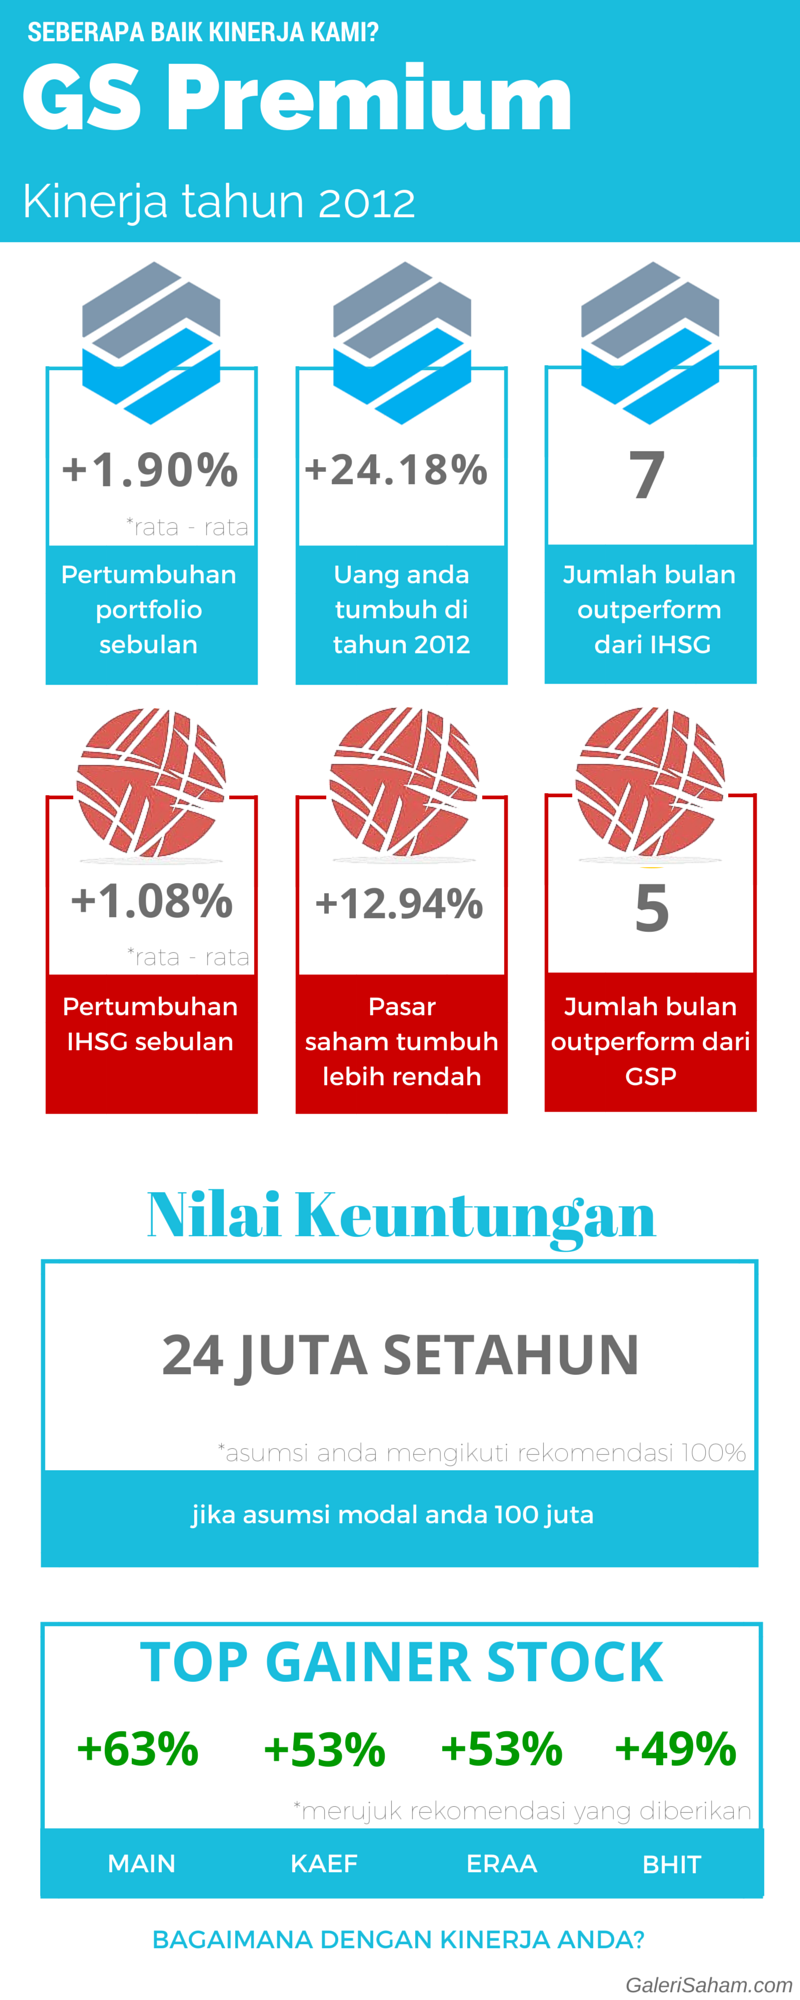 (selesai) Kinerja GS Premium 2012